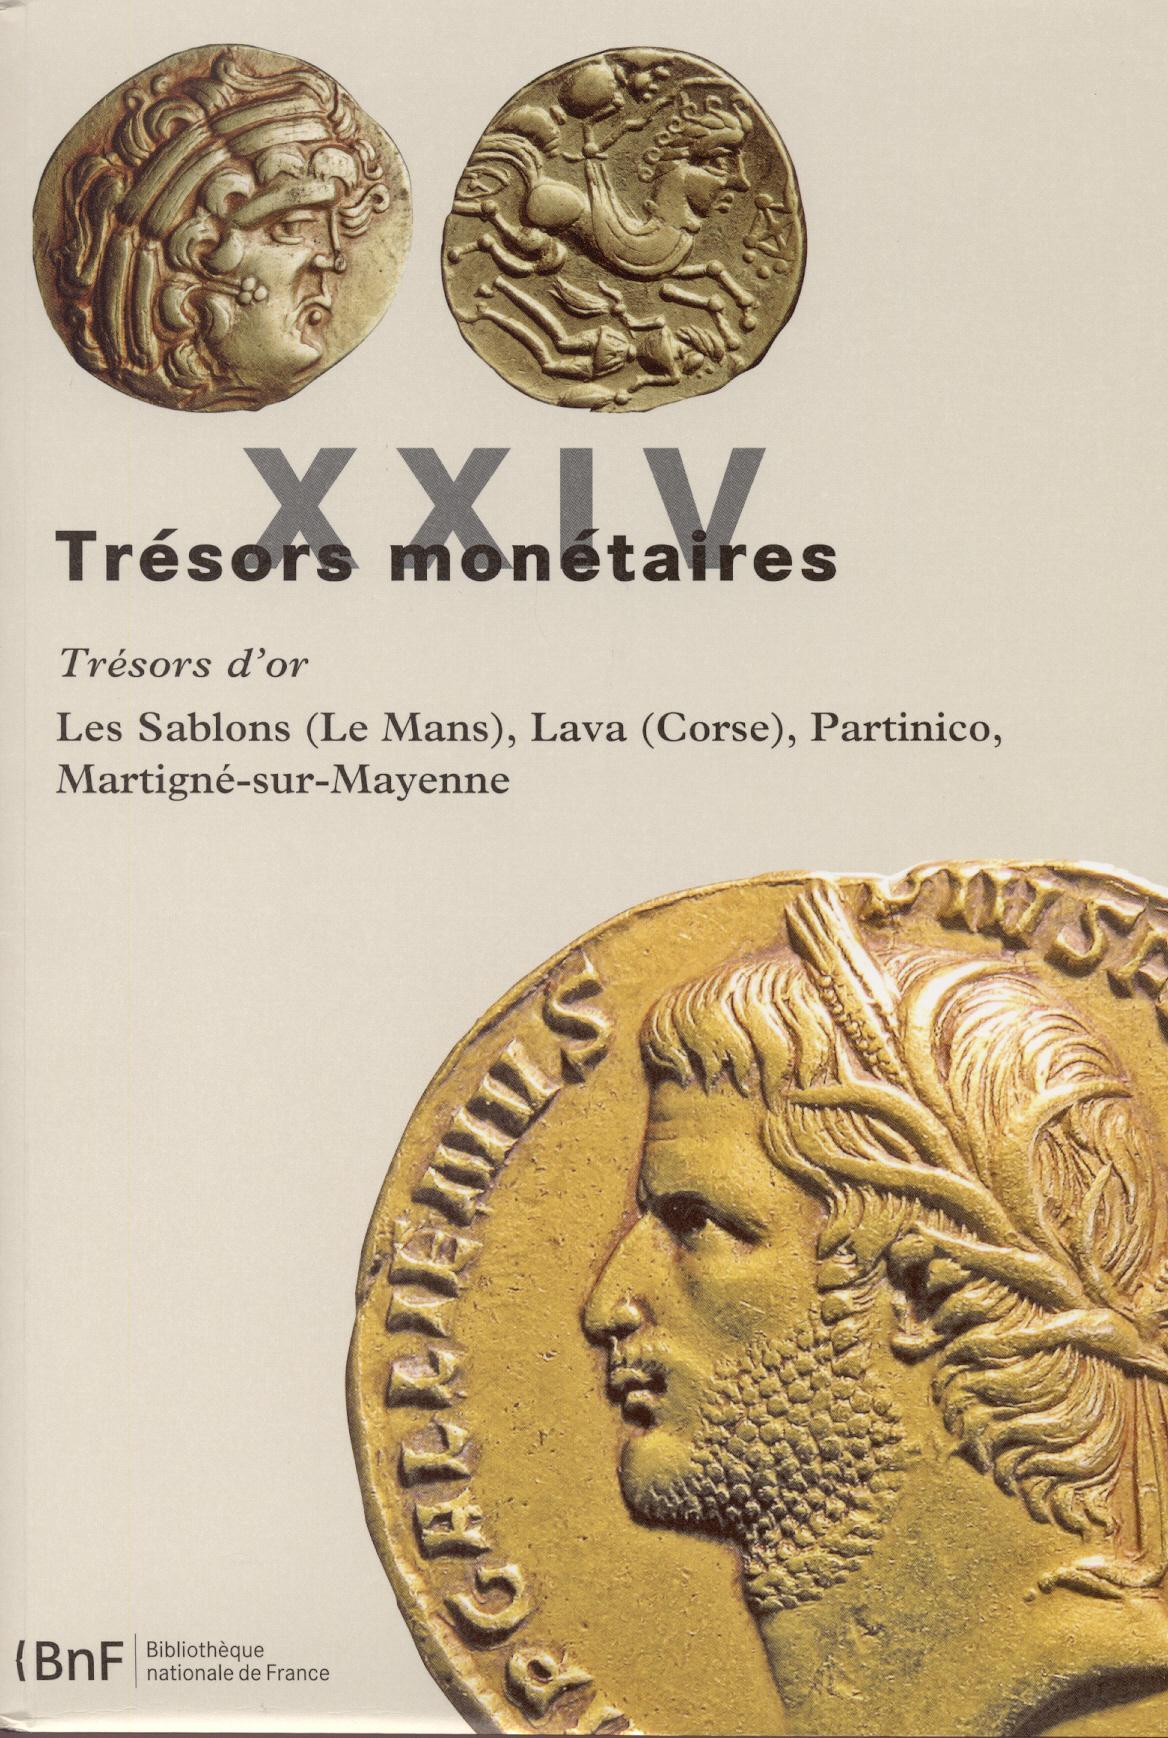 2011 ANCIENT COINS - TRÉSORS MONÉTAIRES 24 - LE TRÉSOR D'OR DE LAVA NEU